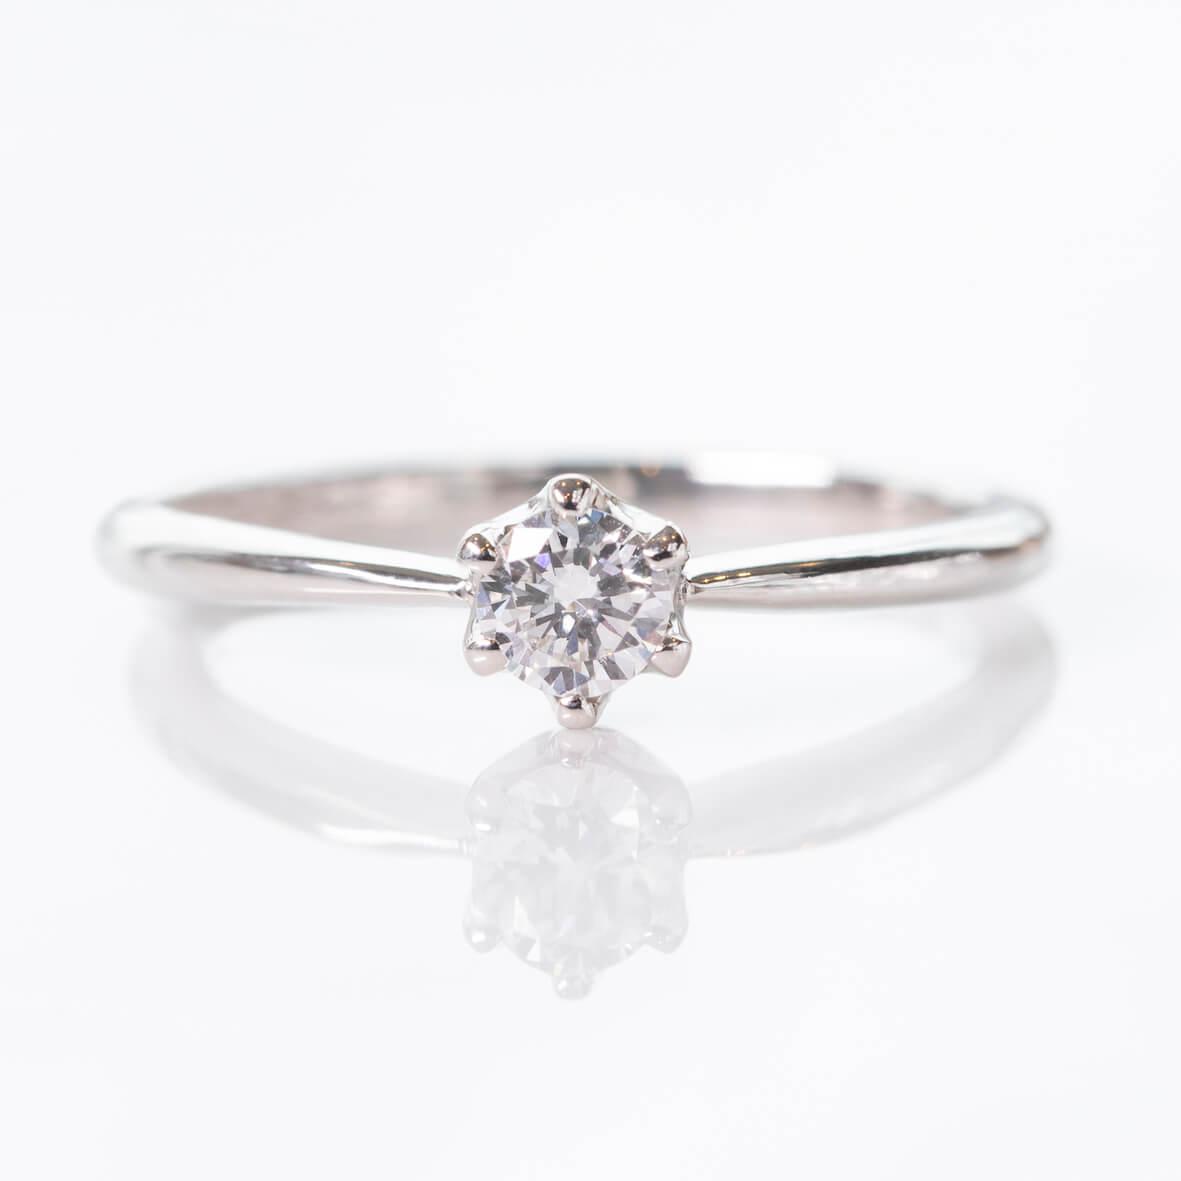 プラチナ・ダイヤモンドの手作り婚約指輪